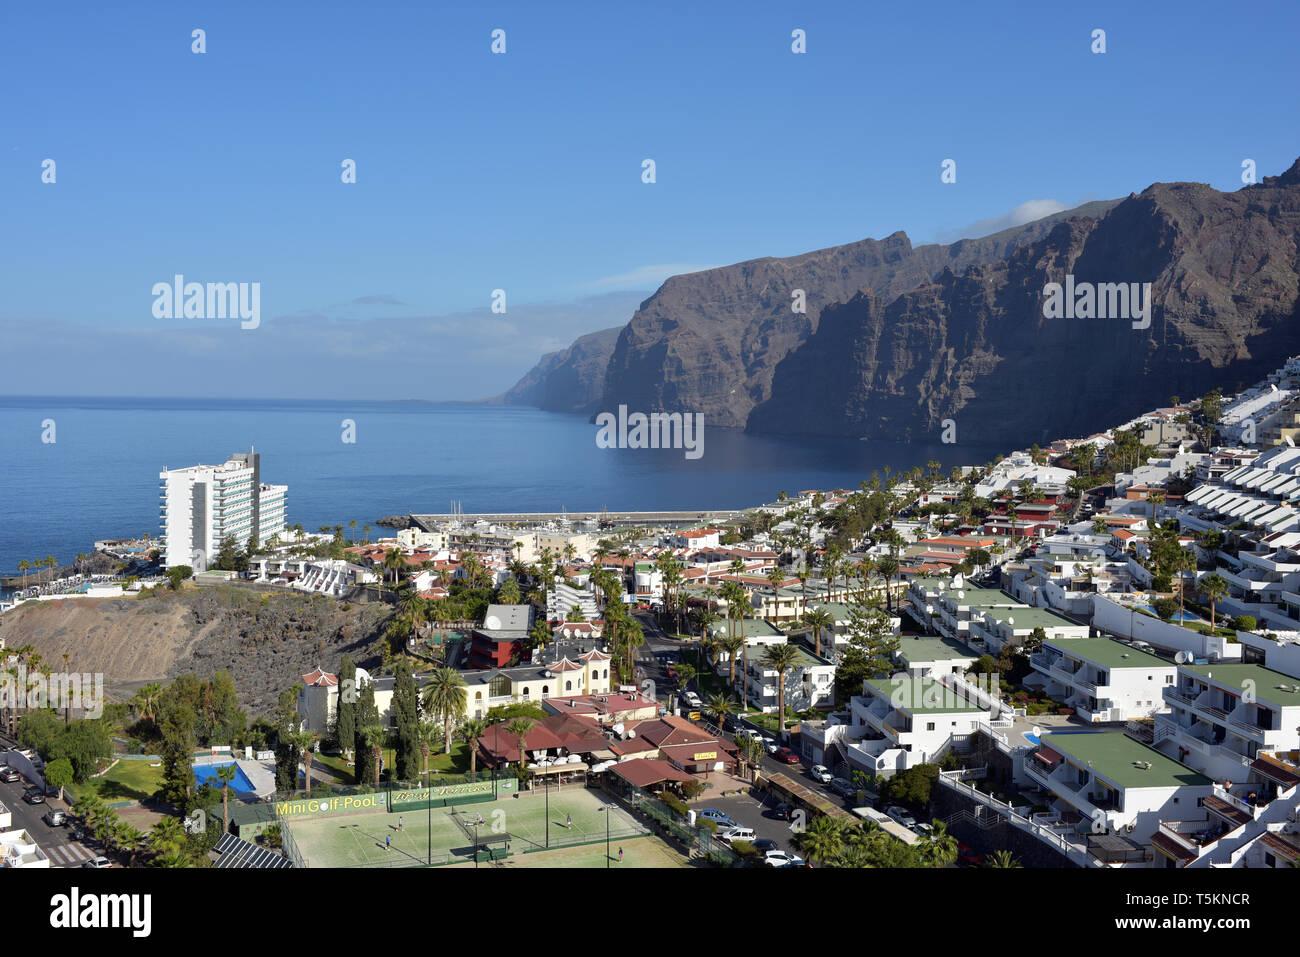 Islas Canarias Tenerife Los Gigantes, Santiago. Imagen De Stock